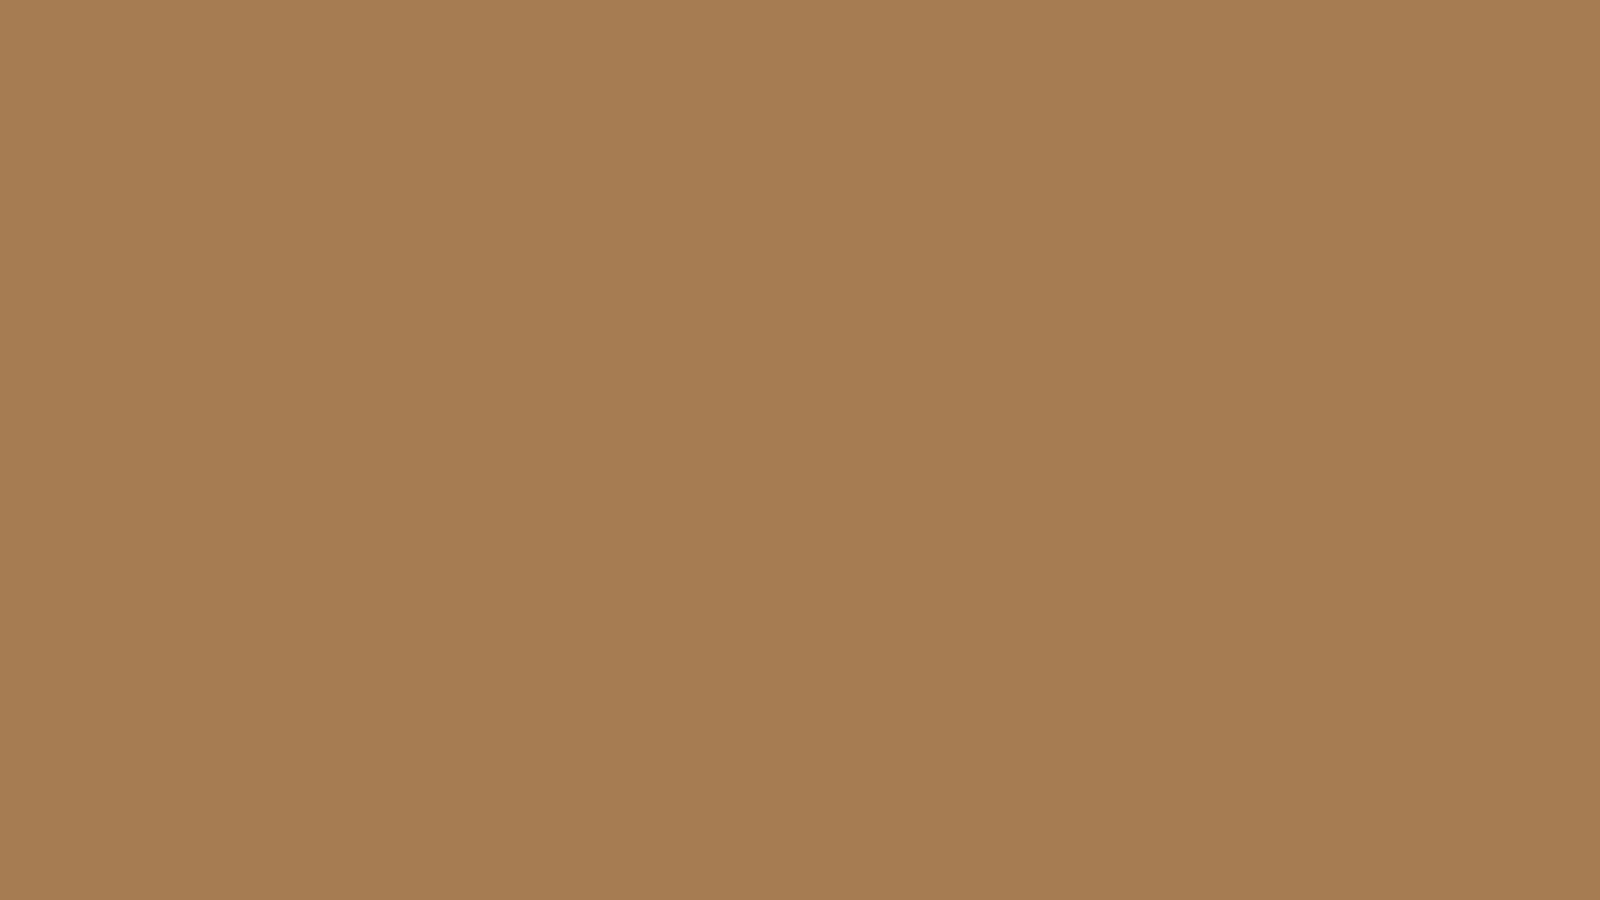 Light Brown Wallpaper 31856 1600x900 Px Hdwallsource Com